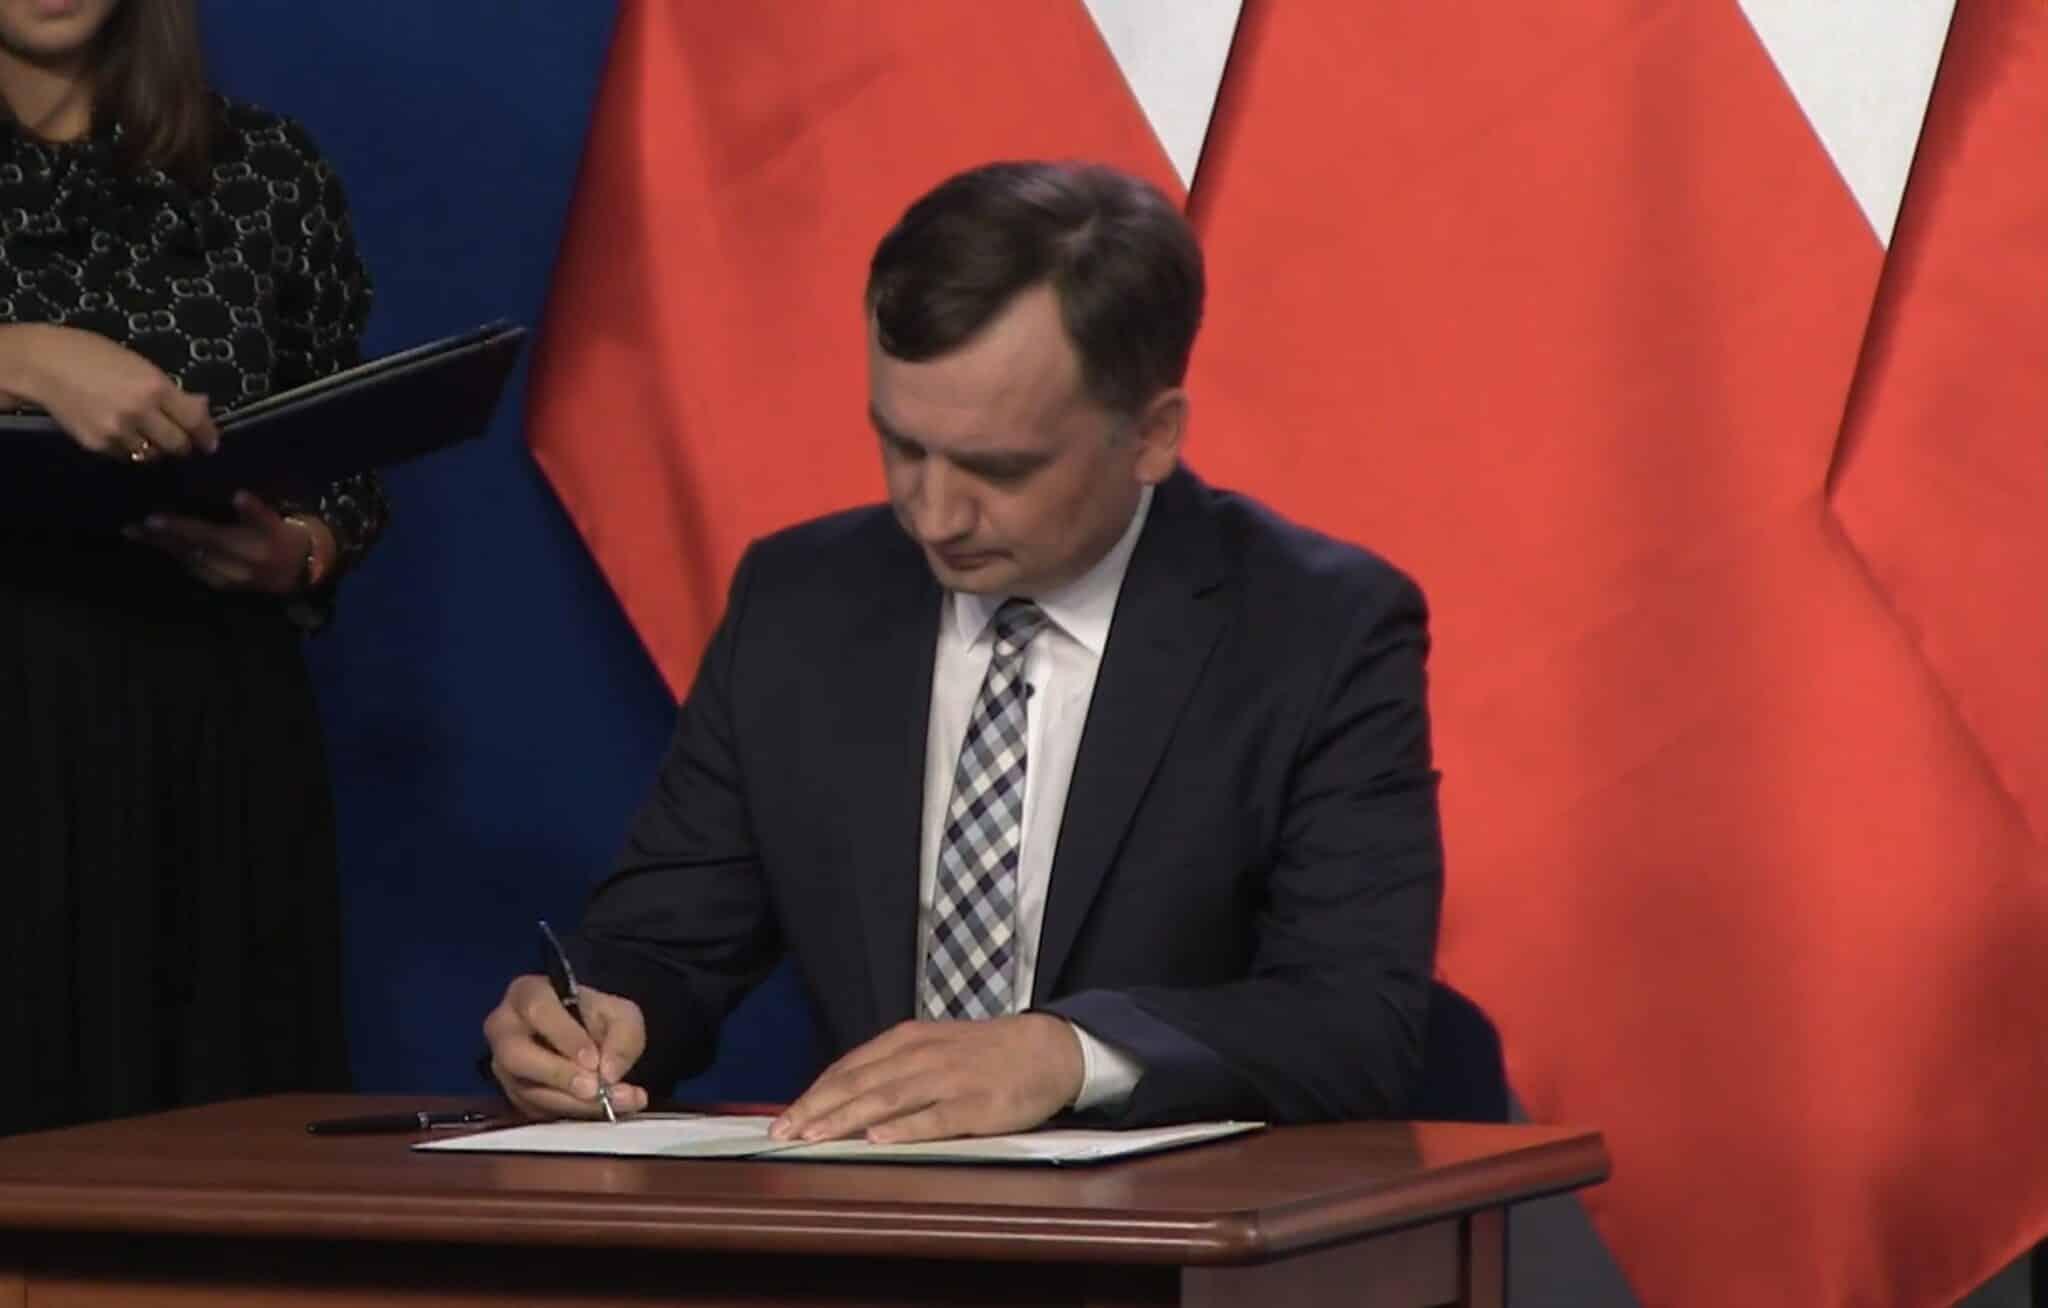 Liderzy: Jarosław Kaczyński, Jarosław Gowin i Zbigniew Ziobro podpisali porozumienie koalicyjne